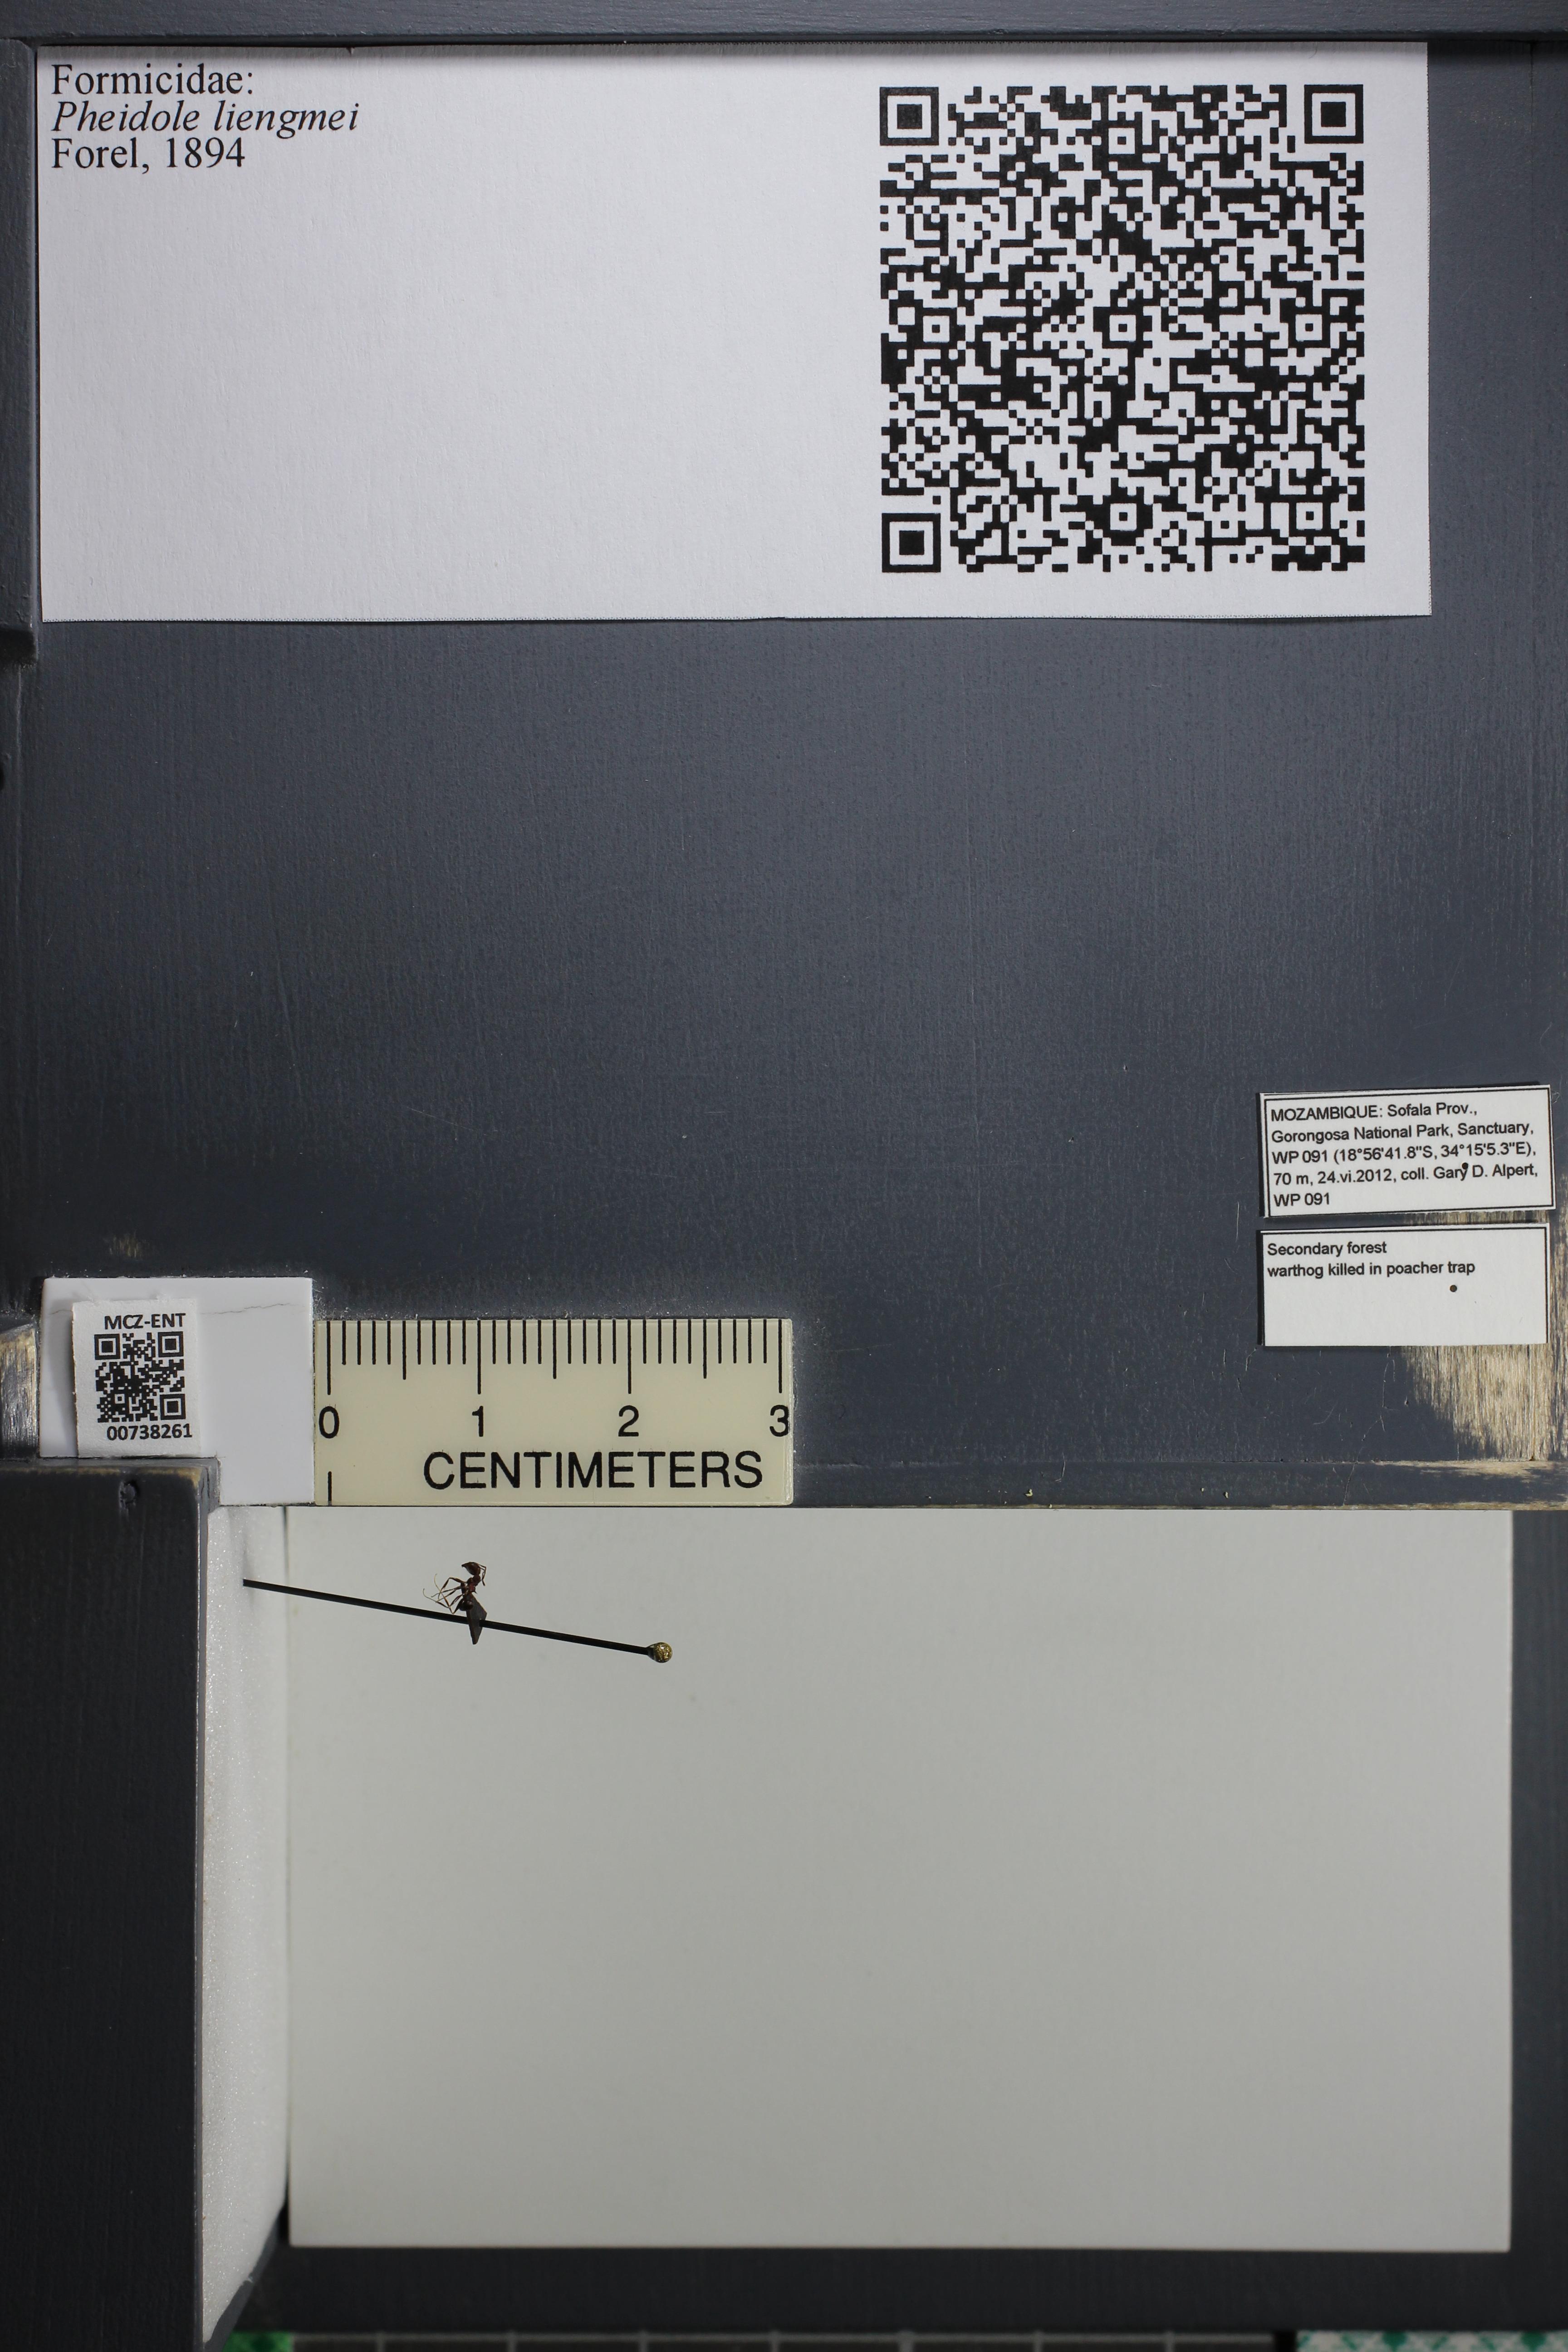 Media of type image, MCZ:Ent:738261 Identified as Pheidole liengmei.